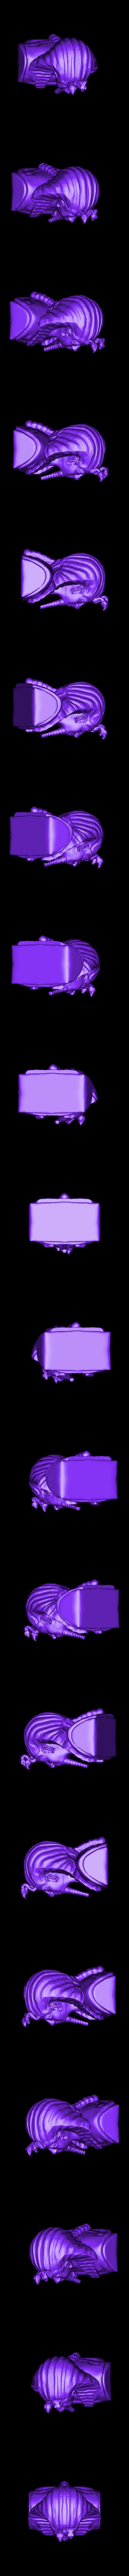 King_Tut-8.stl Télécharger fichier STL gratuit Roi d'Egypte Tut • Modèle pour impression 3D, quangdo1700